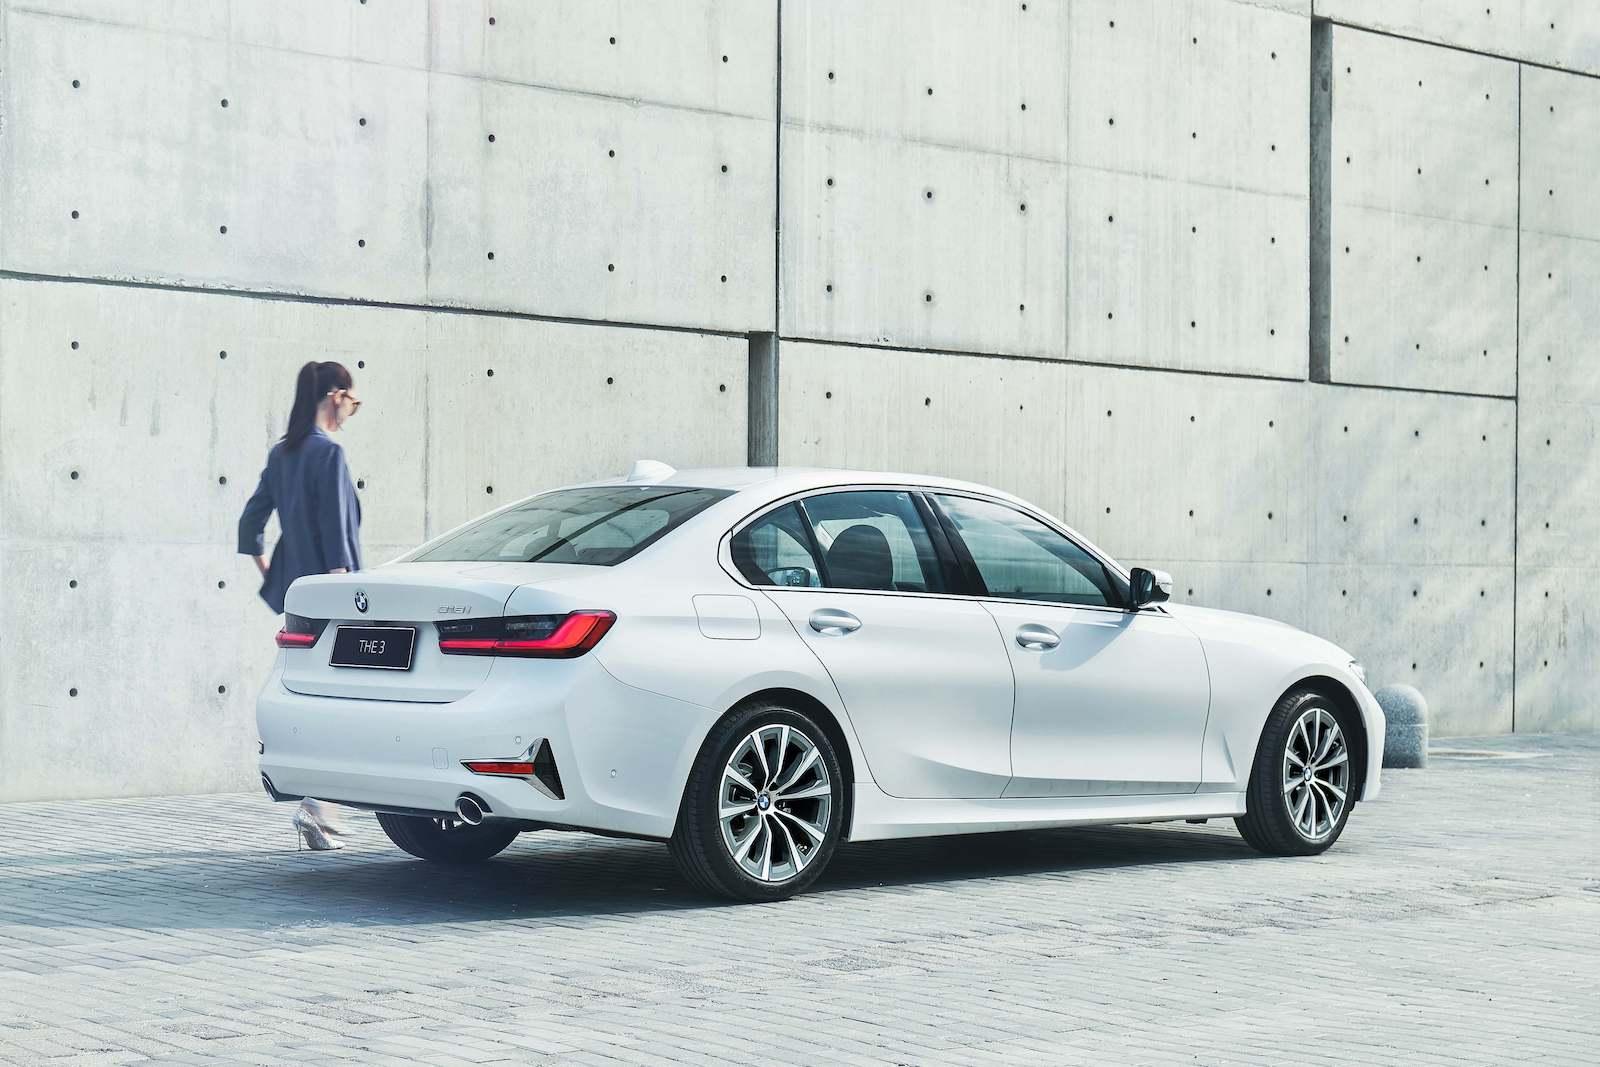 全新BMW 3系列現正提供 BMW Yours多元智選 9,900 元低月付分期方案,本月購車更享一年乙式全險。